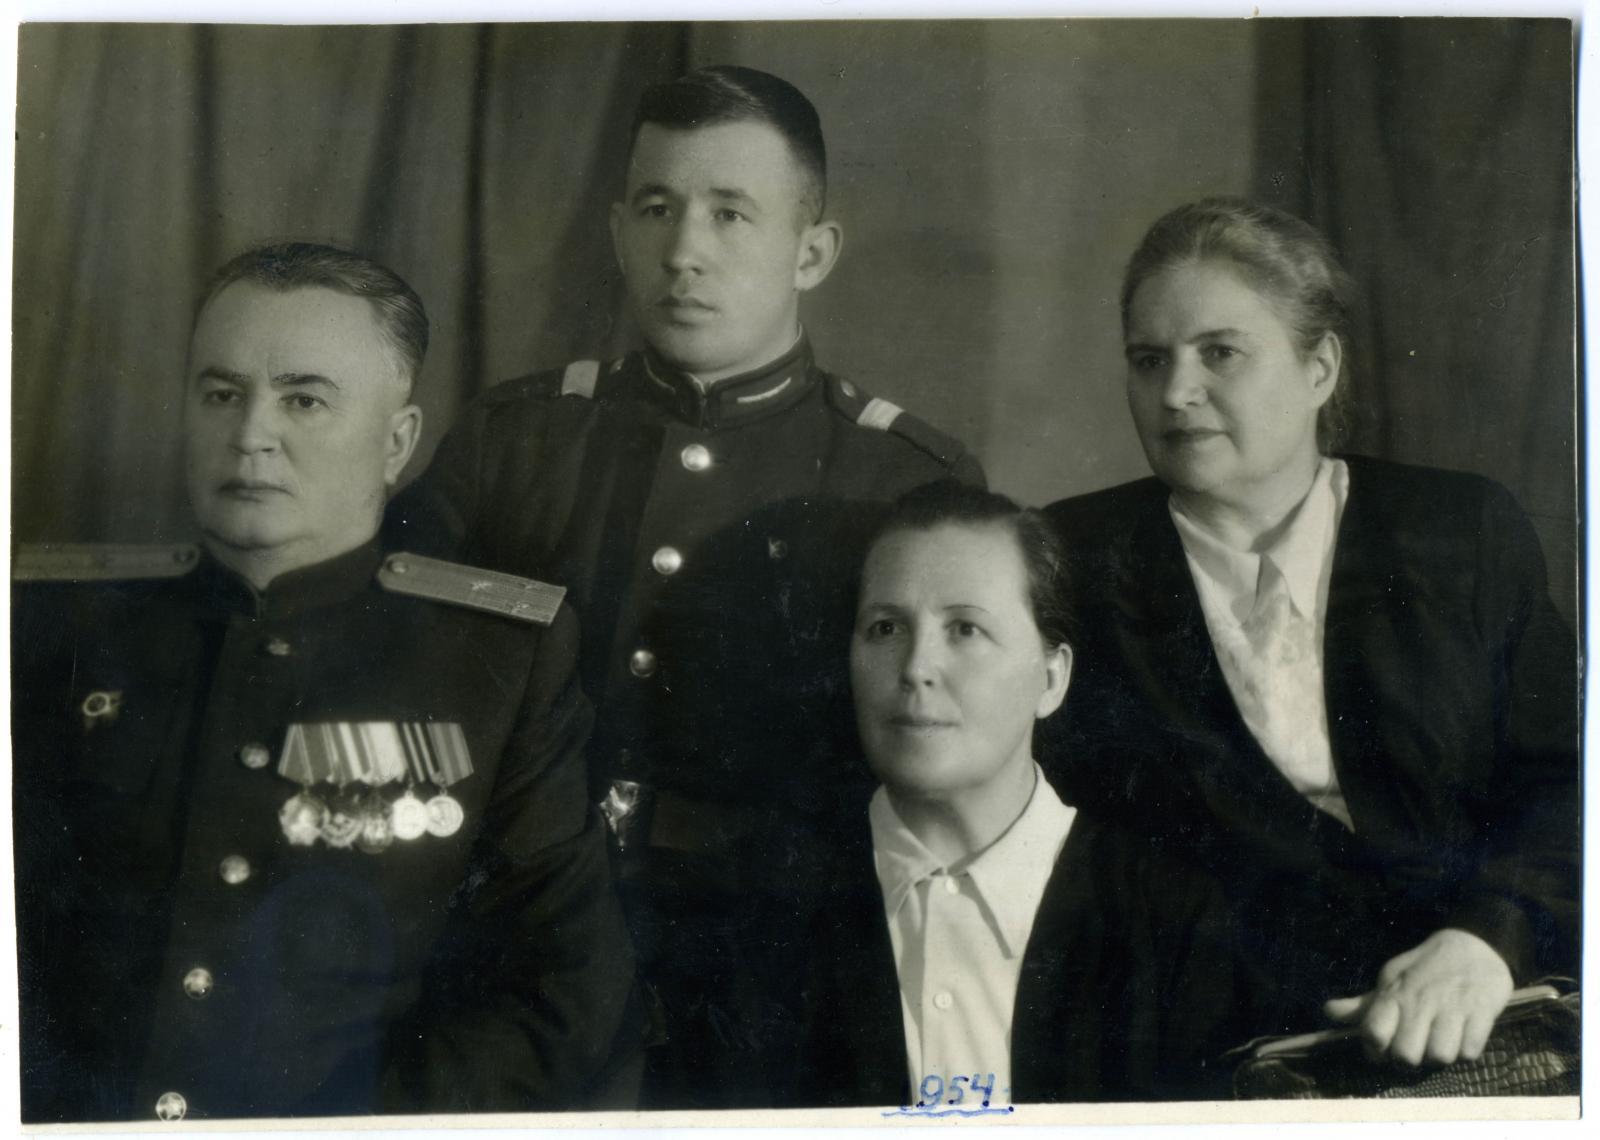 1954. Полковник Маевский в кругу семьи. г. Киев